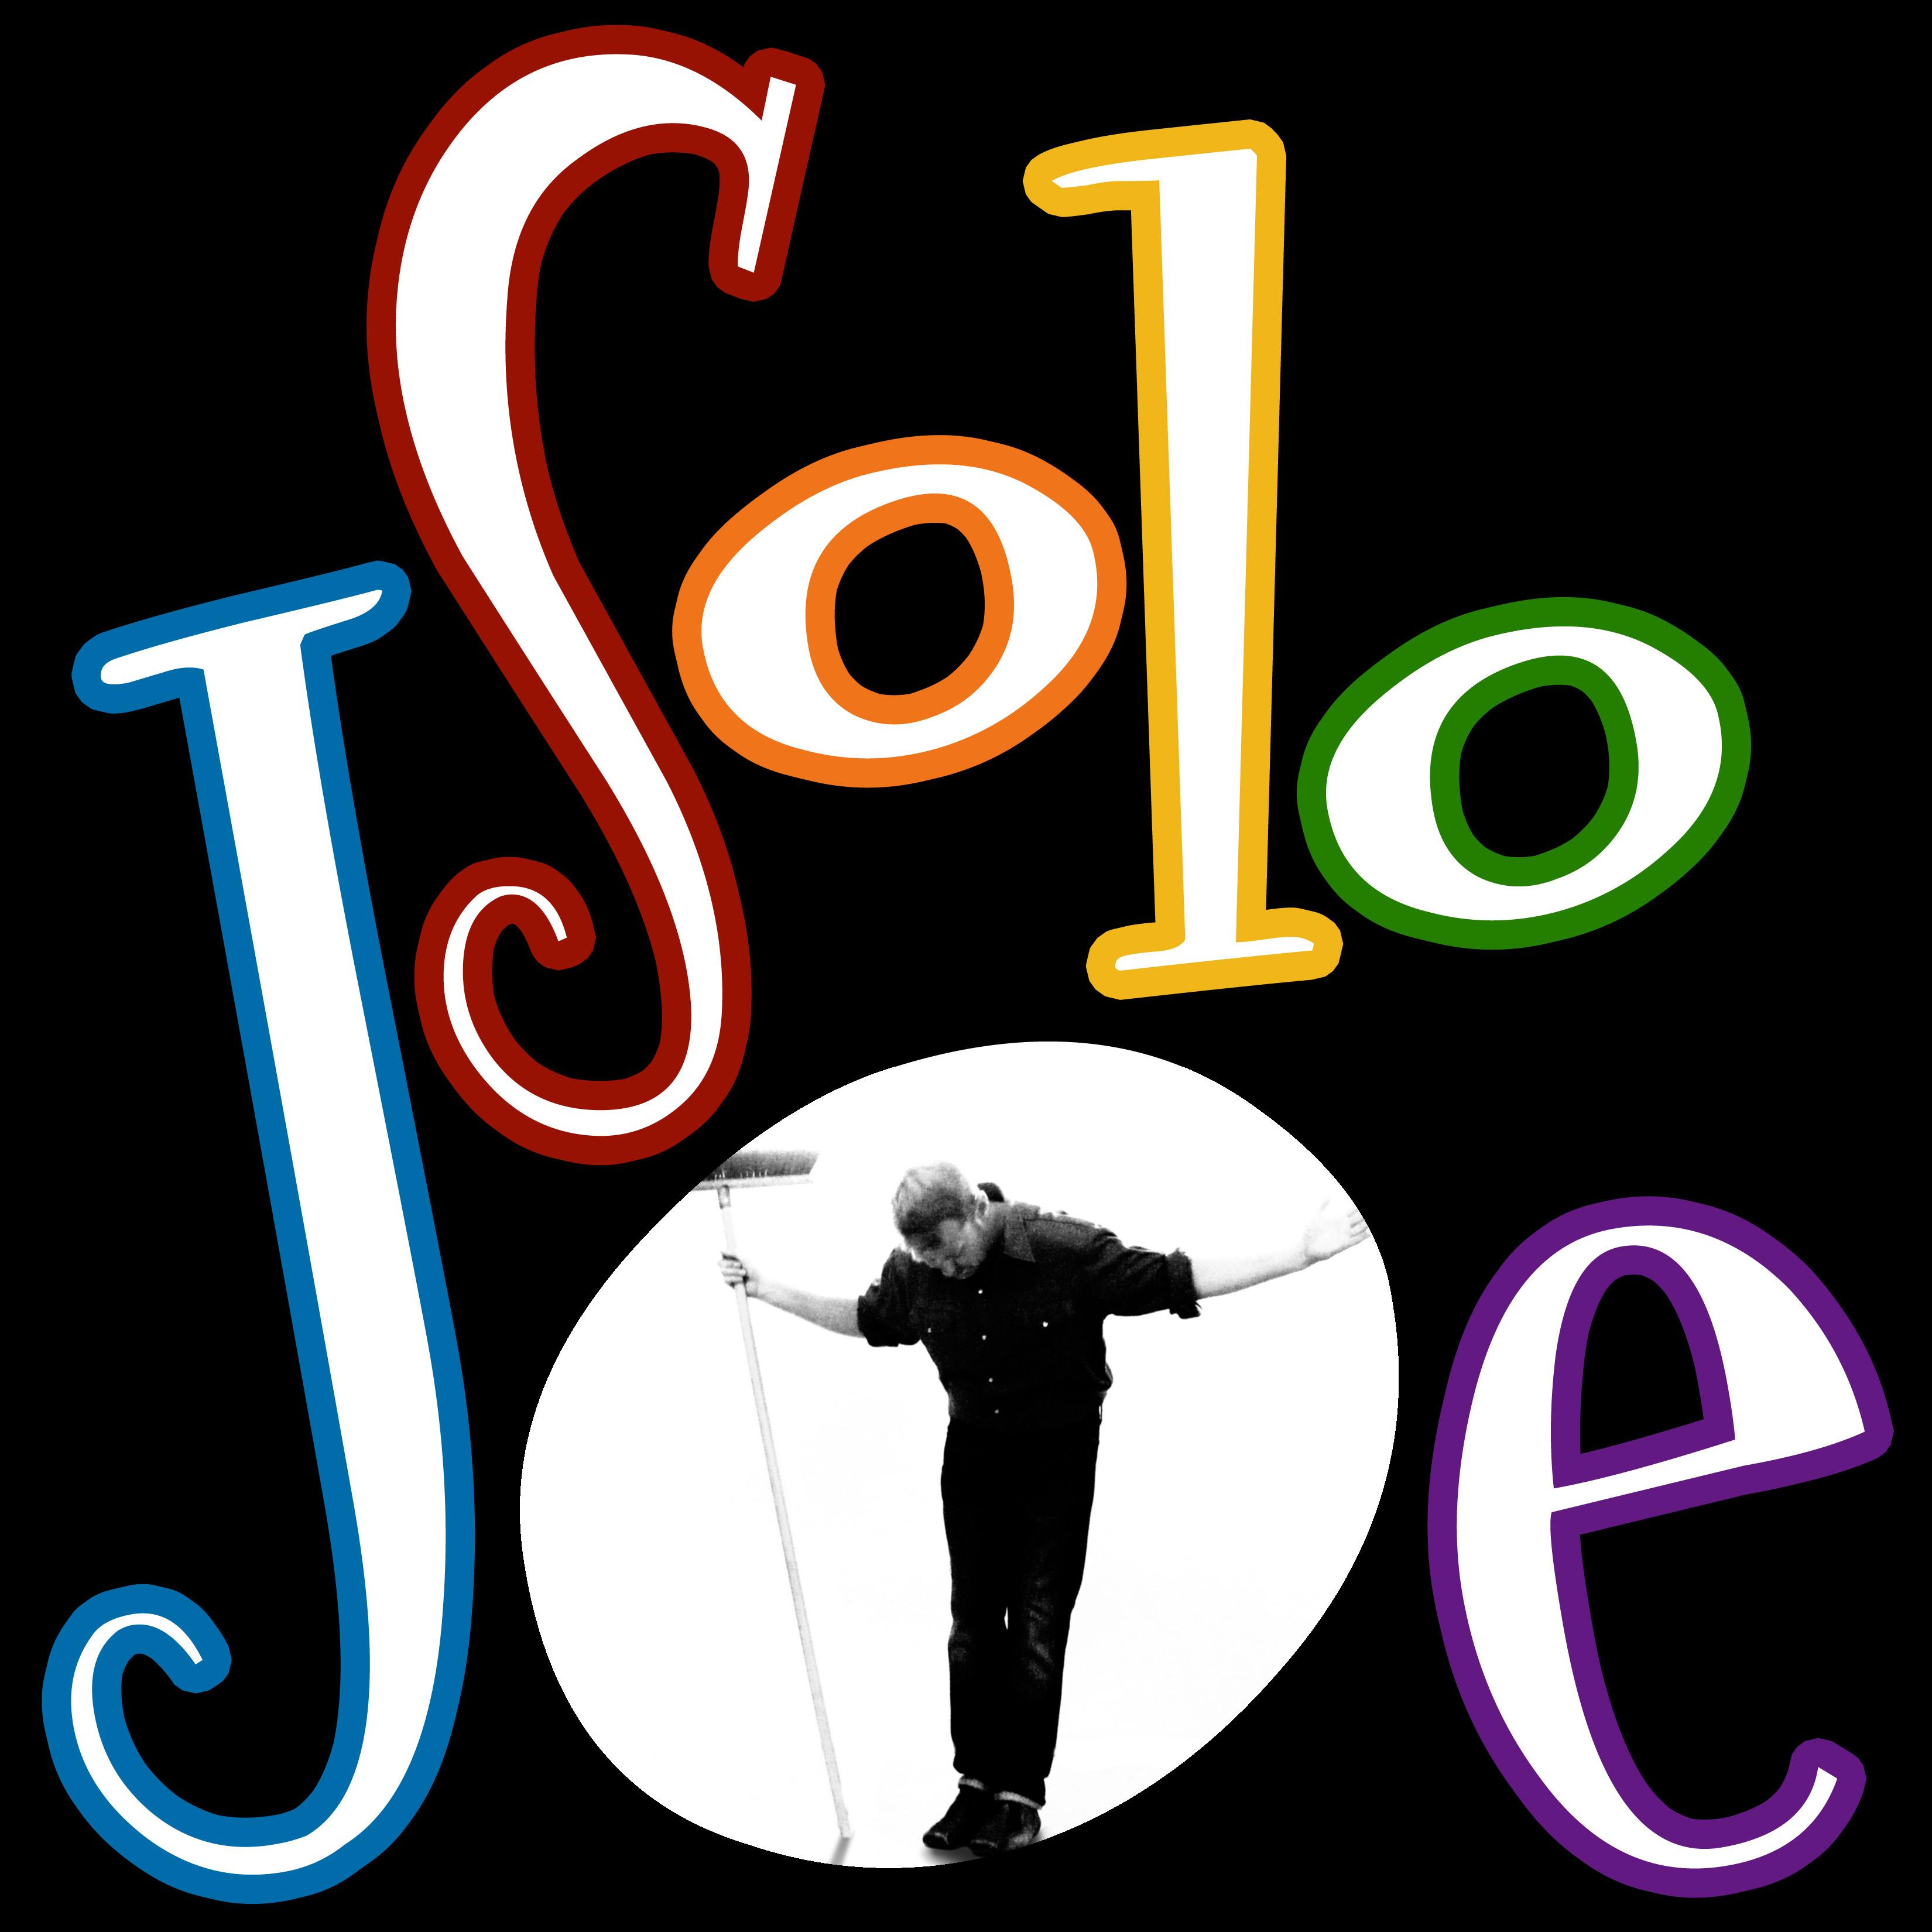 Solo Joe – 2013